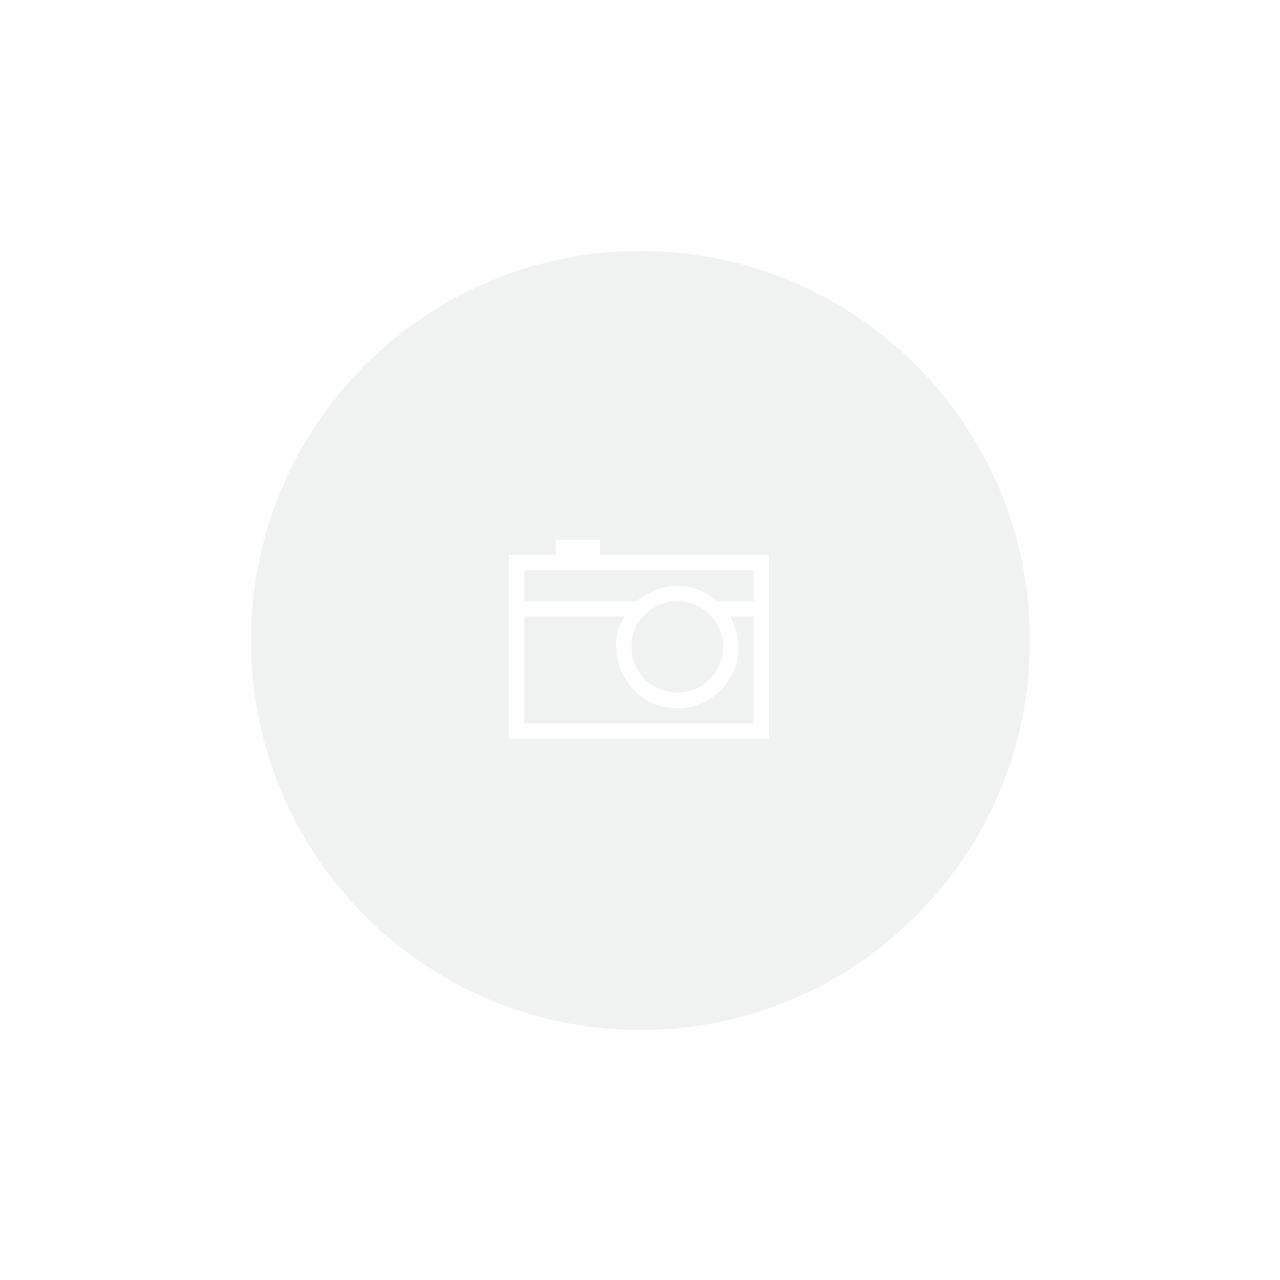 Jogo de Taças de Agua 270ml Vidro Transparente